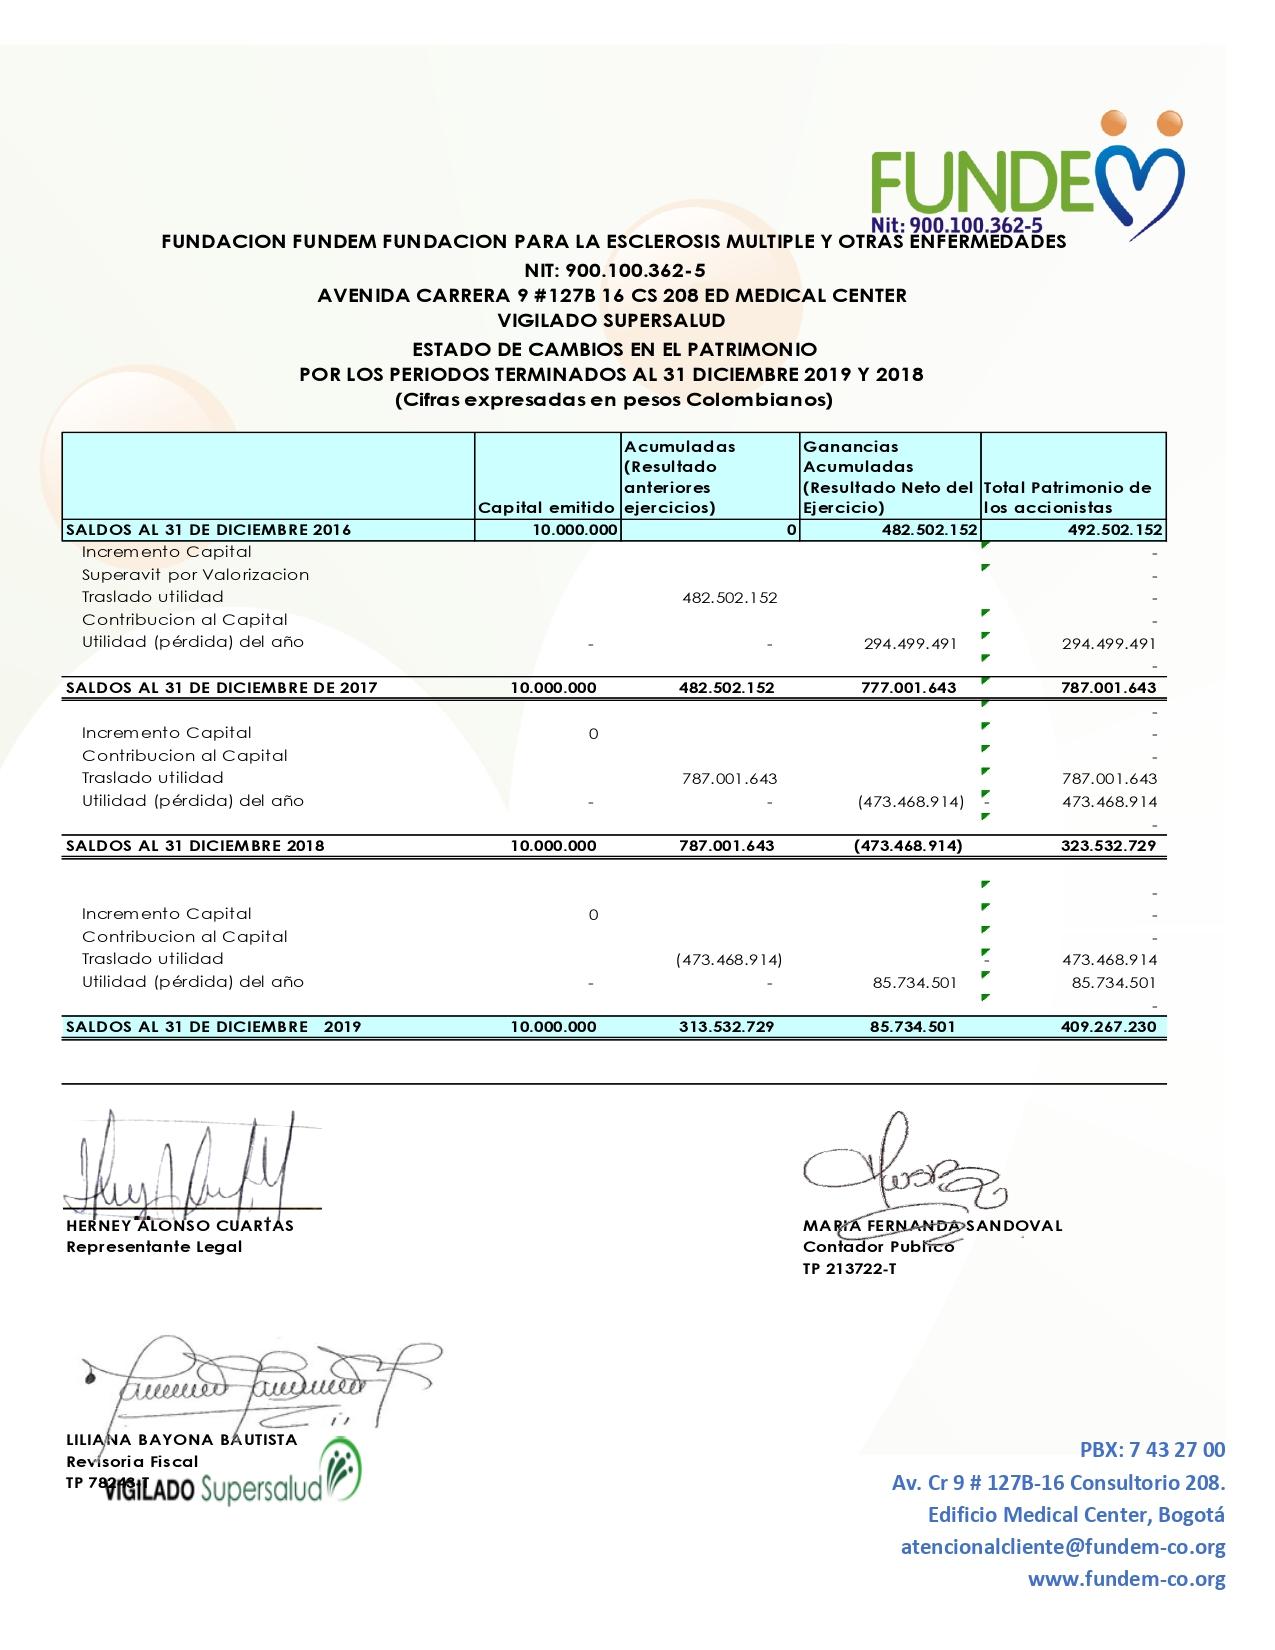 ESTADOS FINANCIEROS FUNDACION FUNDEM_page-0004